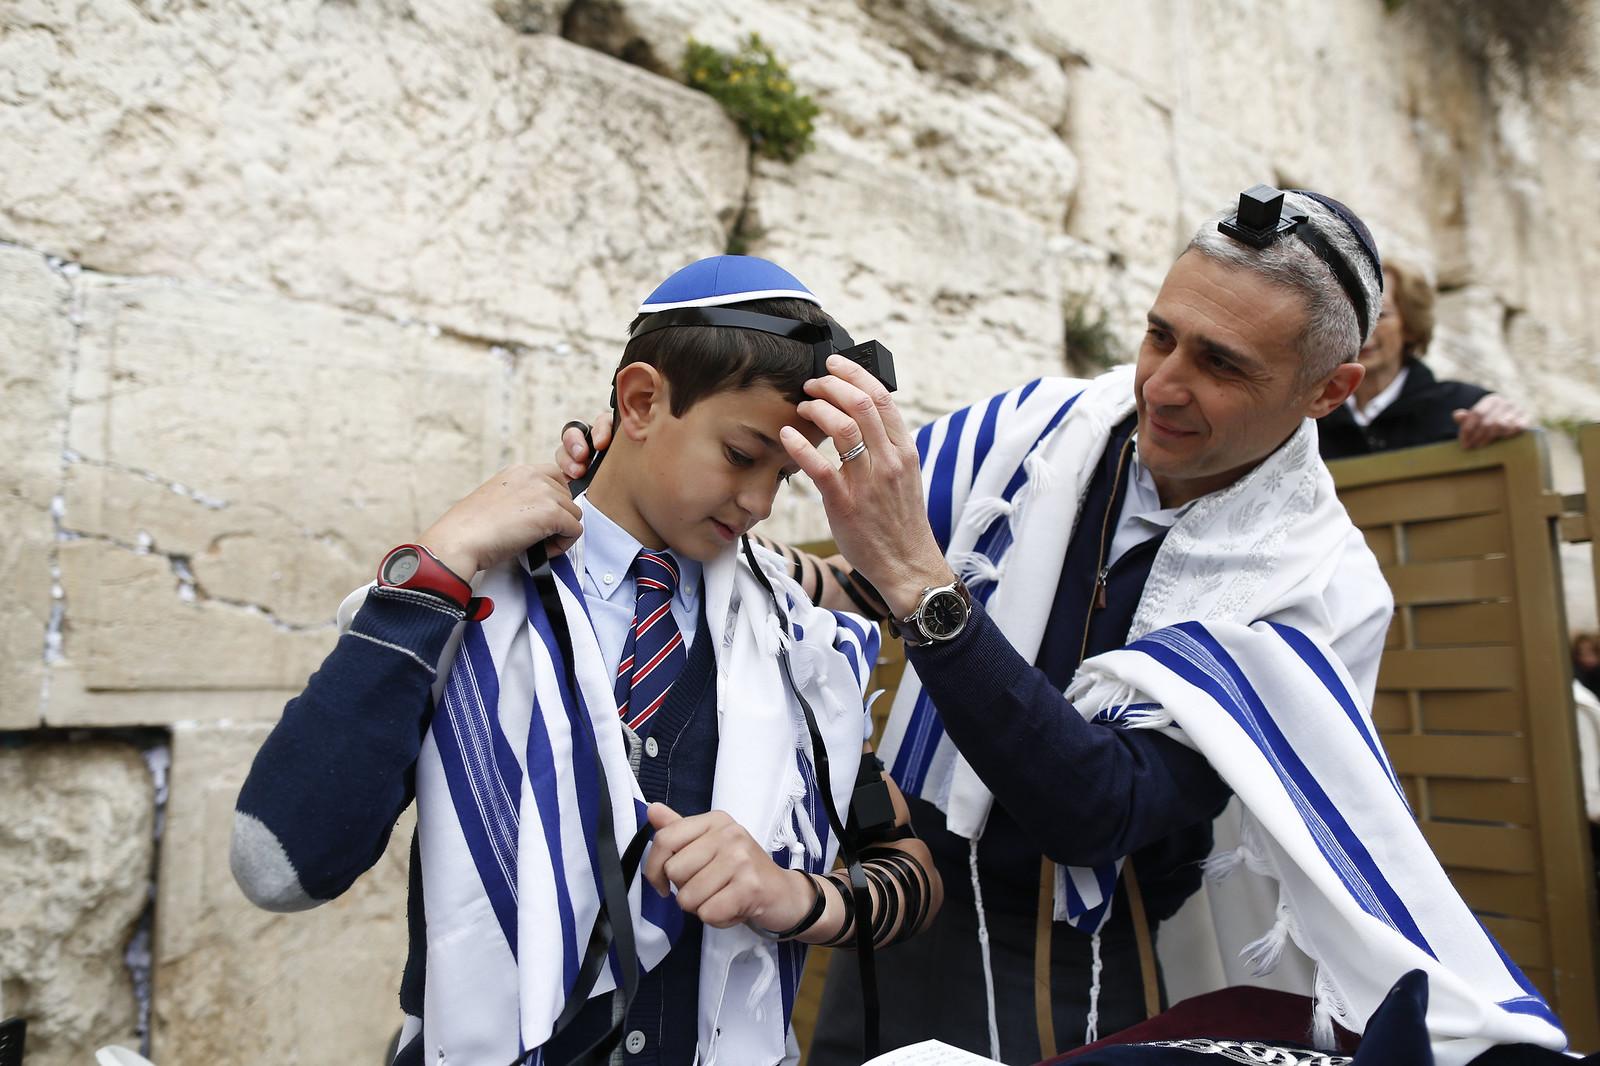 Bar Mitzvah 20_Jerusalem_Y9A9694_Yonatan Sindel_Flash 90_IMOT